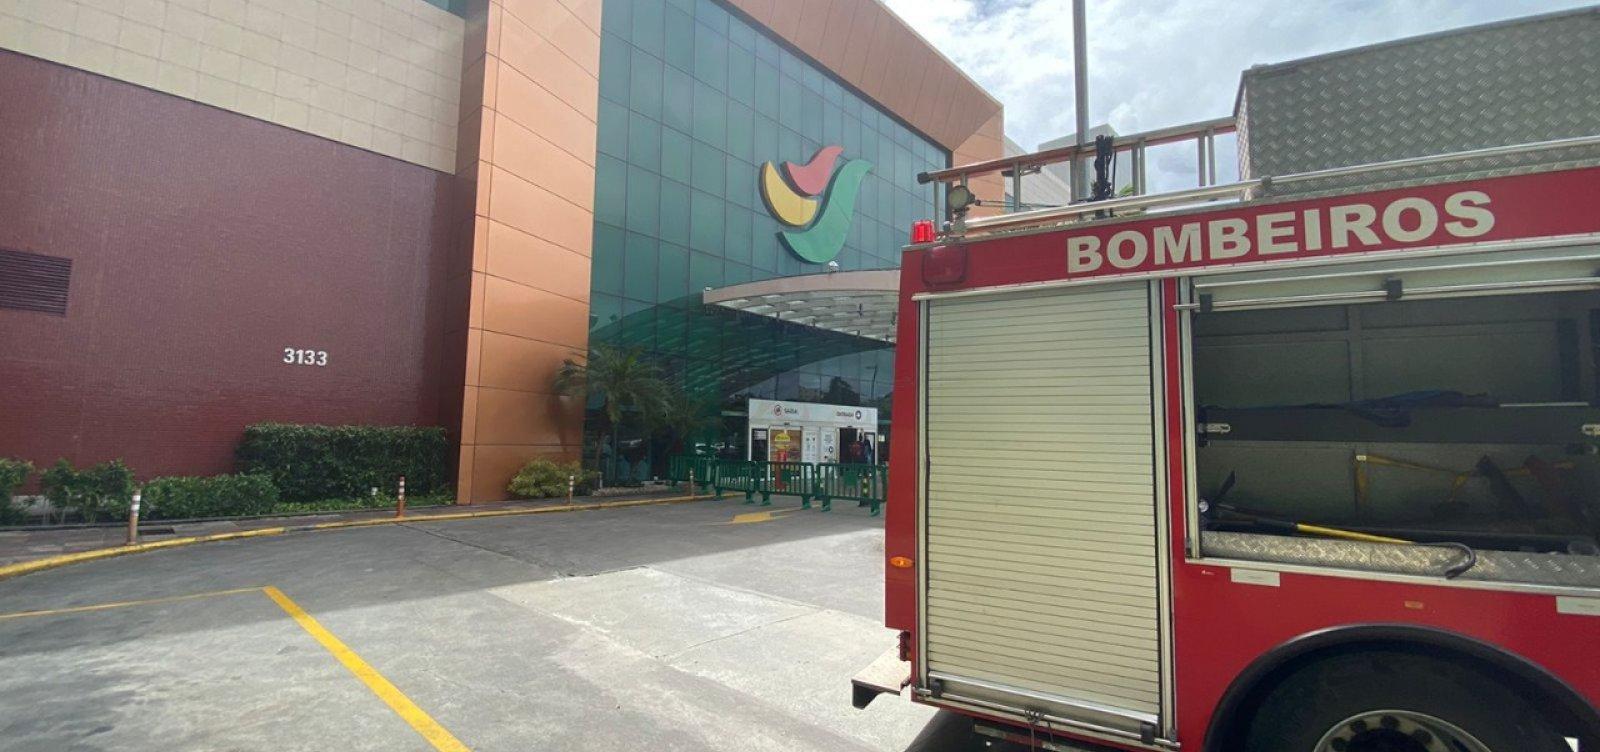 Sem feridos, bombeiros investigam causa de incêndio em restaurante no Salvador Shopping